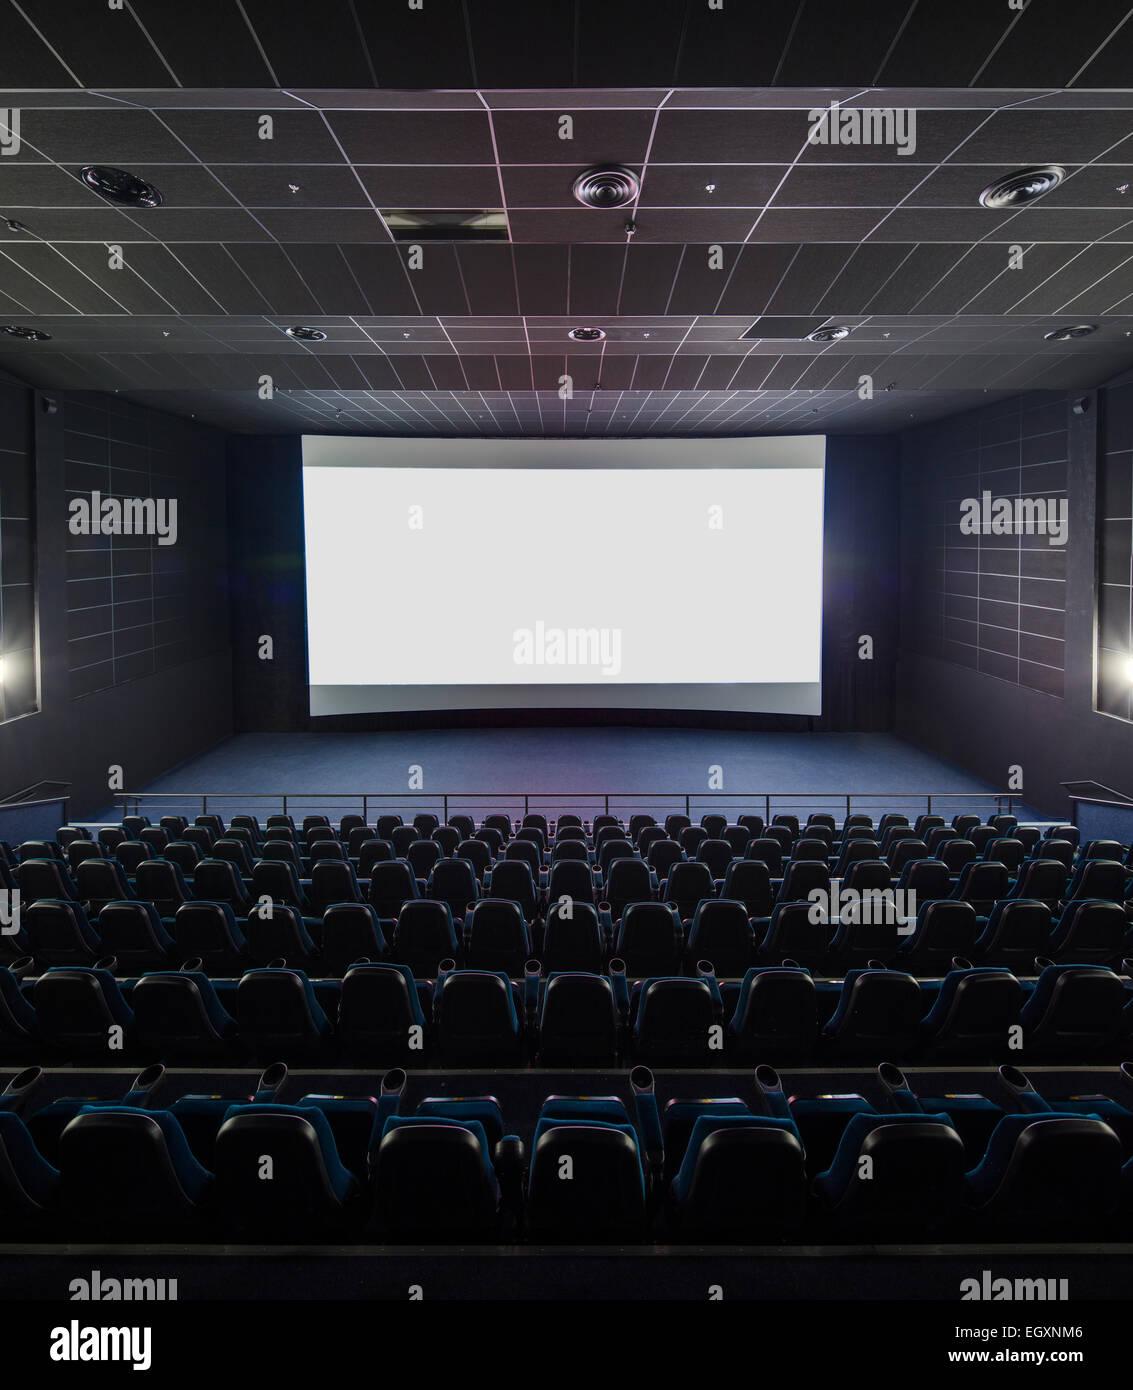 Innenraum des modernen Theaters. Titelbild auf einem leeren weißen s Stockbild